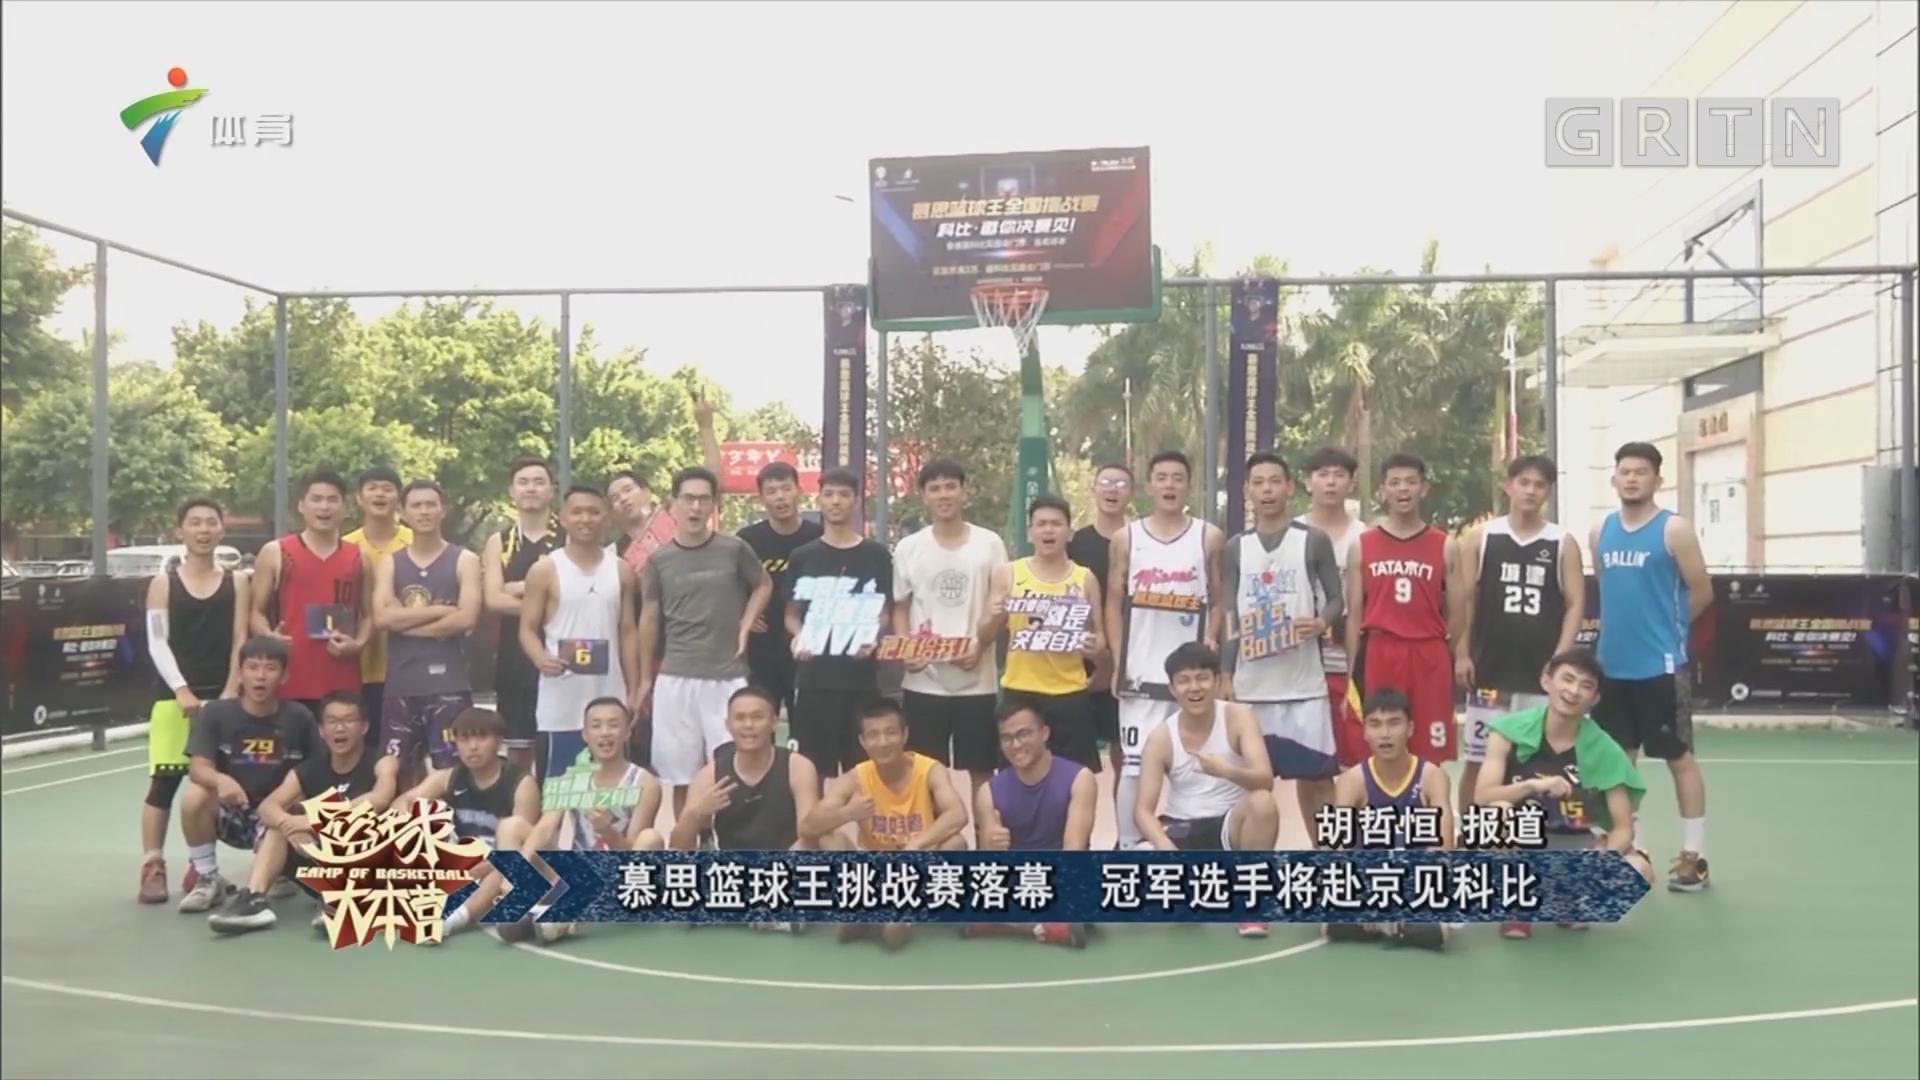 慕思篮球王挑战赛落幕 冠军选手将赴京见科比